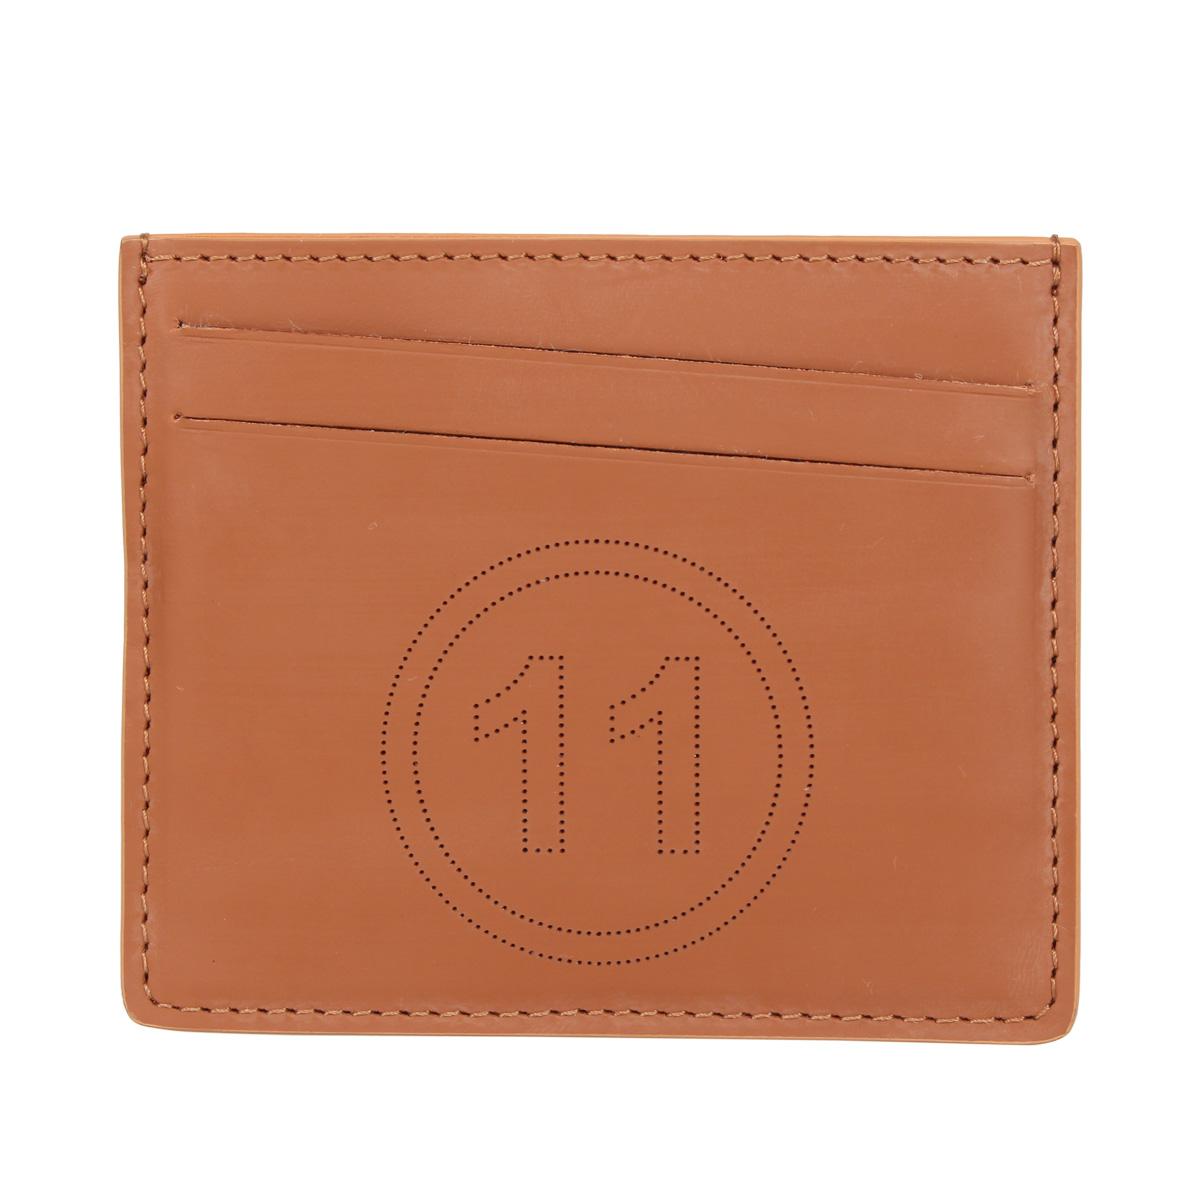 MAISON MARGIELA CARD CASE メゾンマルジェラ カードケース 名刺入れ 定期入れ メンズ レディース ブラウン S35UI0432-H4200